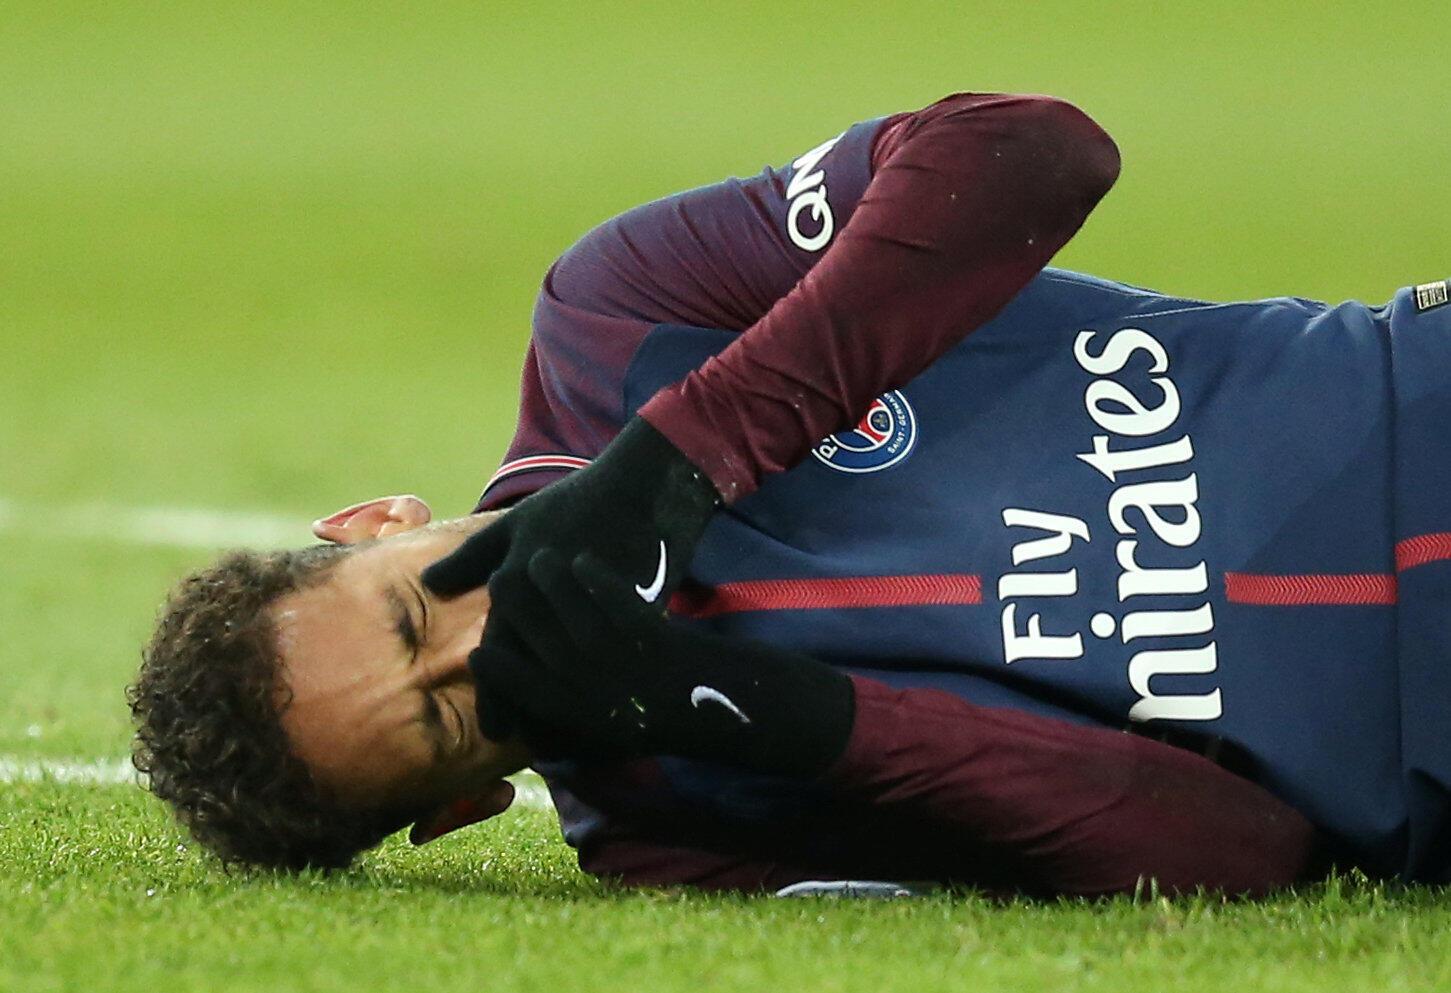 Neymar: fissura óssea em clássico entre o PSG e o Marseille.